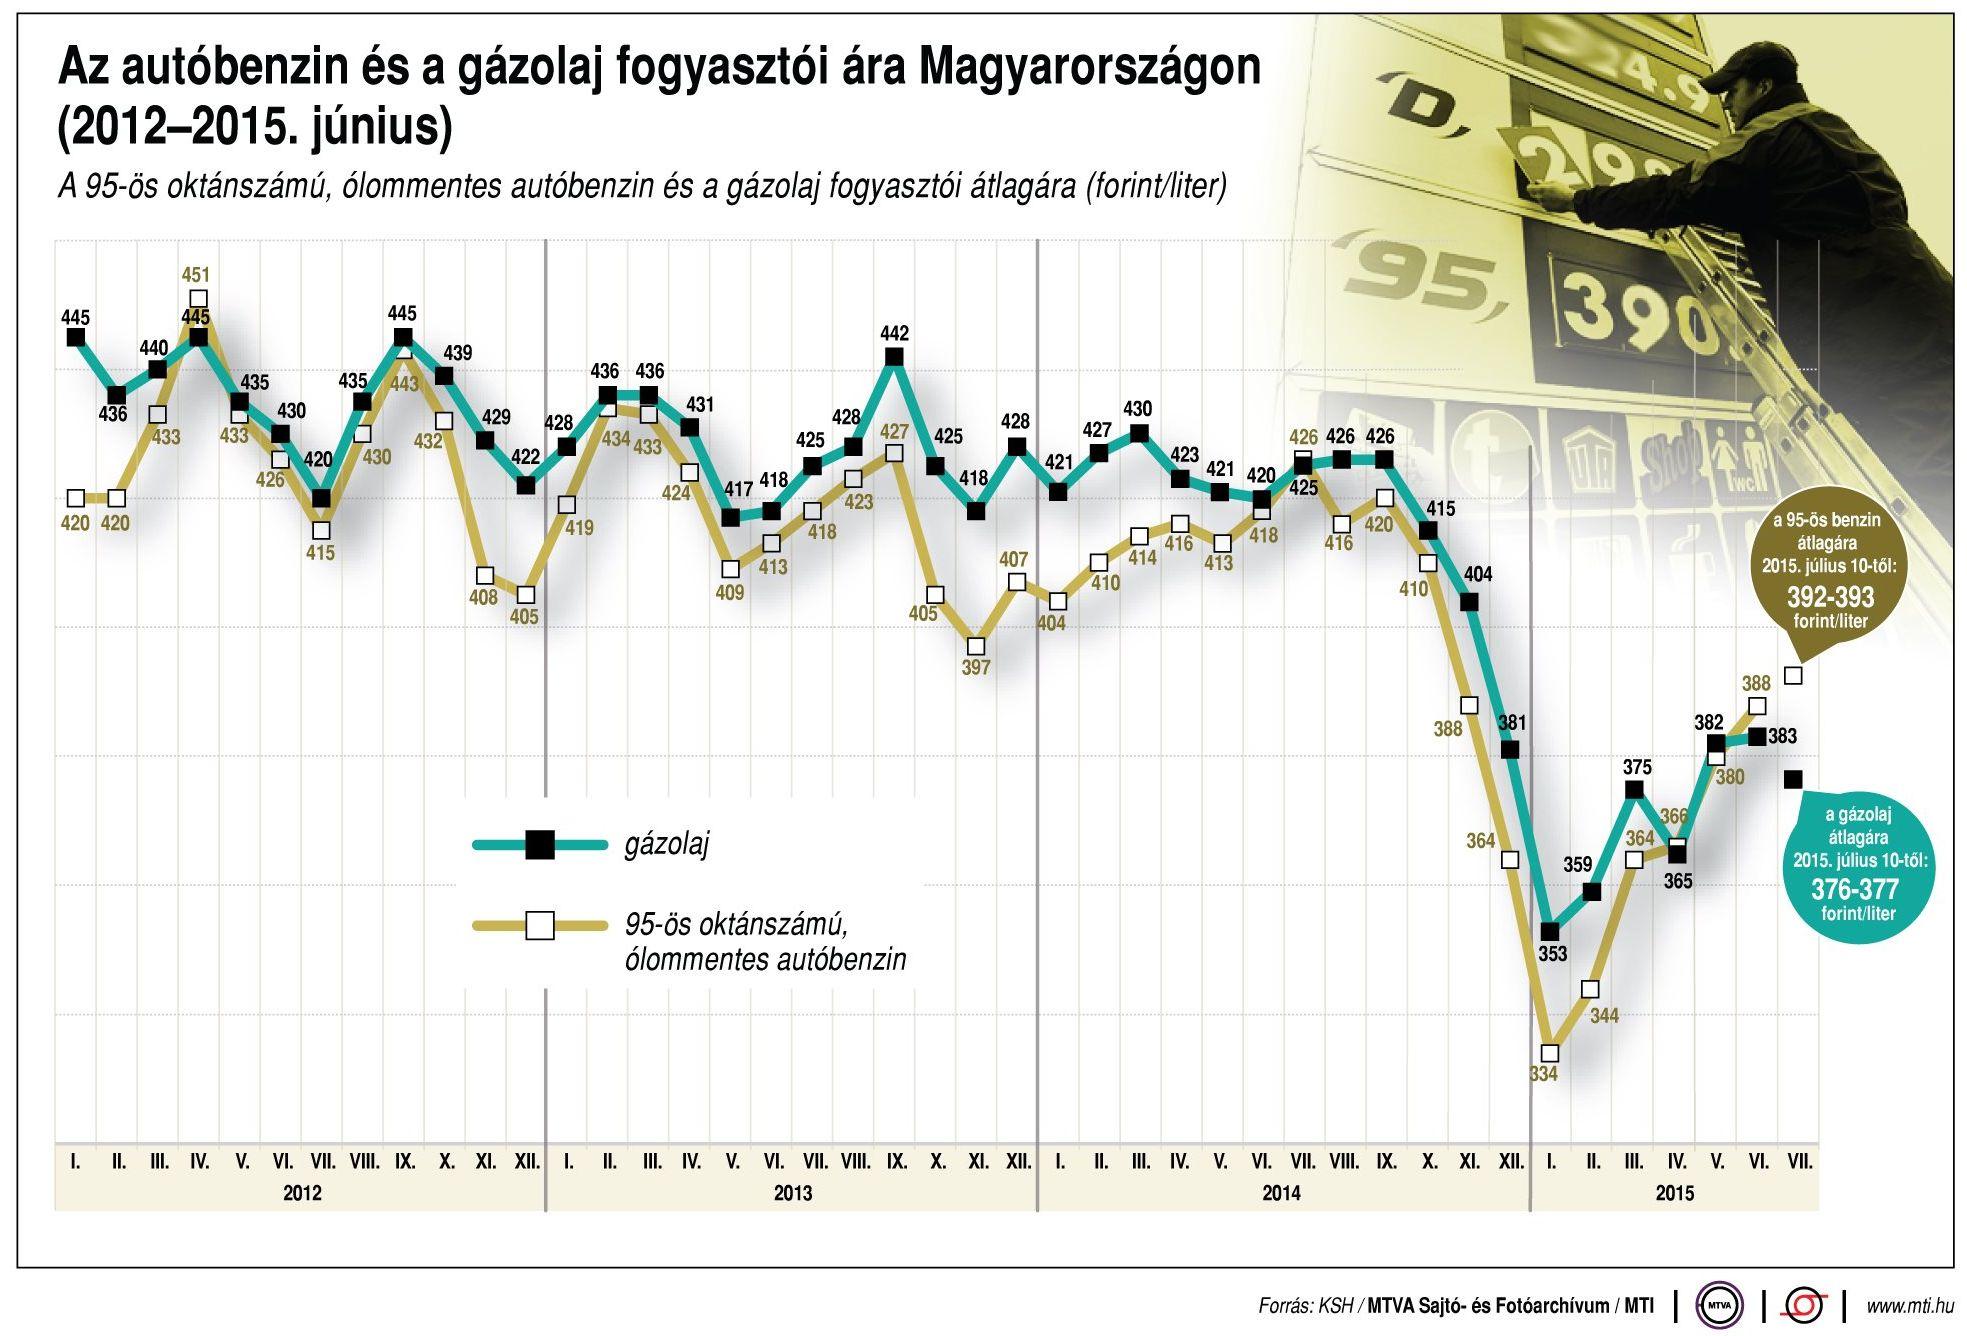 Az MTI előző heti grafikonján is jól látható, még az év eleje óta tapasztalt drágulás ellenére is olcsóbban tankolhatunk mostanság, mint három évvel ezelőtt. Akkor amúgy a dollárban mért olajár a mostani mintegy kétszerese volt, ám a dollár a forinthoz mérten kevésbé volt erős